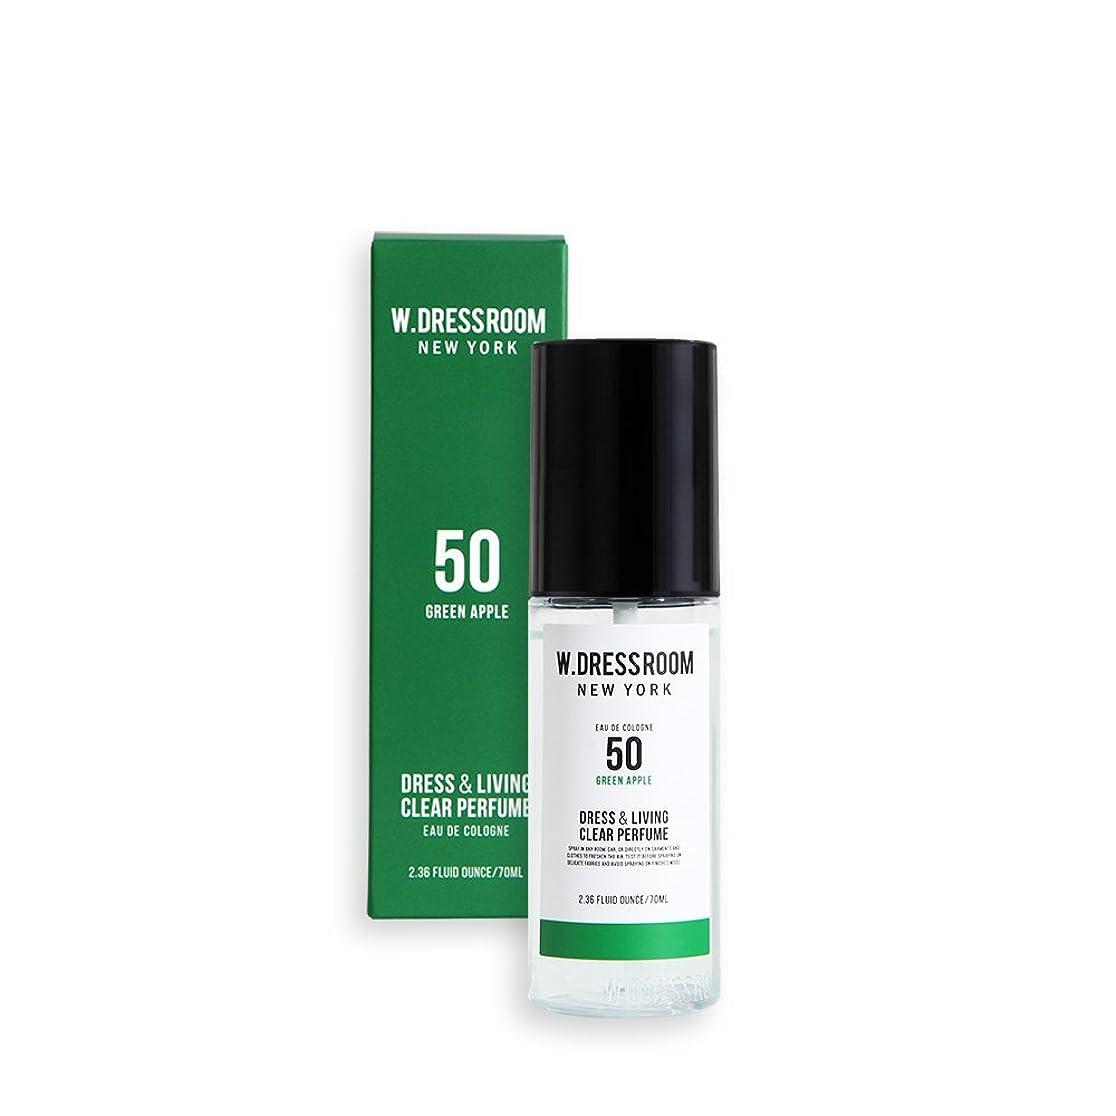 経営者モネ飛び込むW.DRESSROOM Dress & Living Clear Perfume 70ml/ダブルドレスルーム ドレス&リビング クリア パフューム 70ml (#No.50 Green Apple) [並行輸入品]